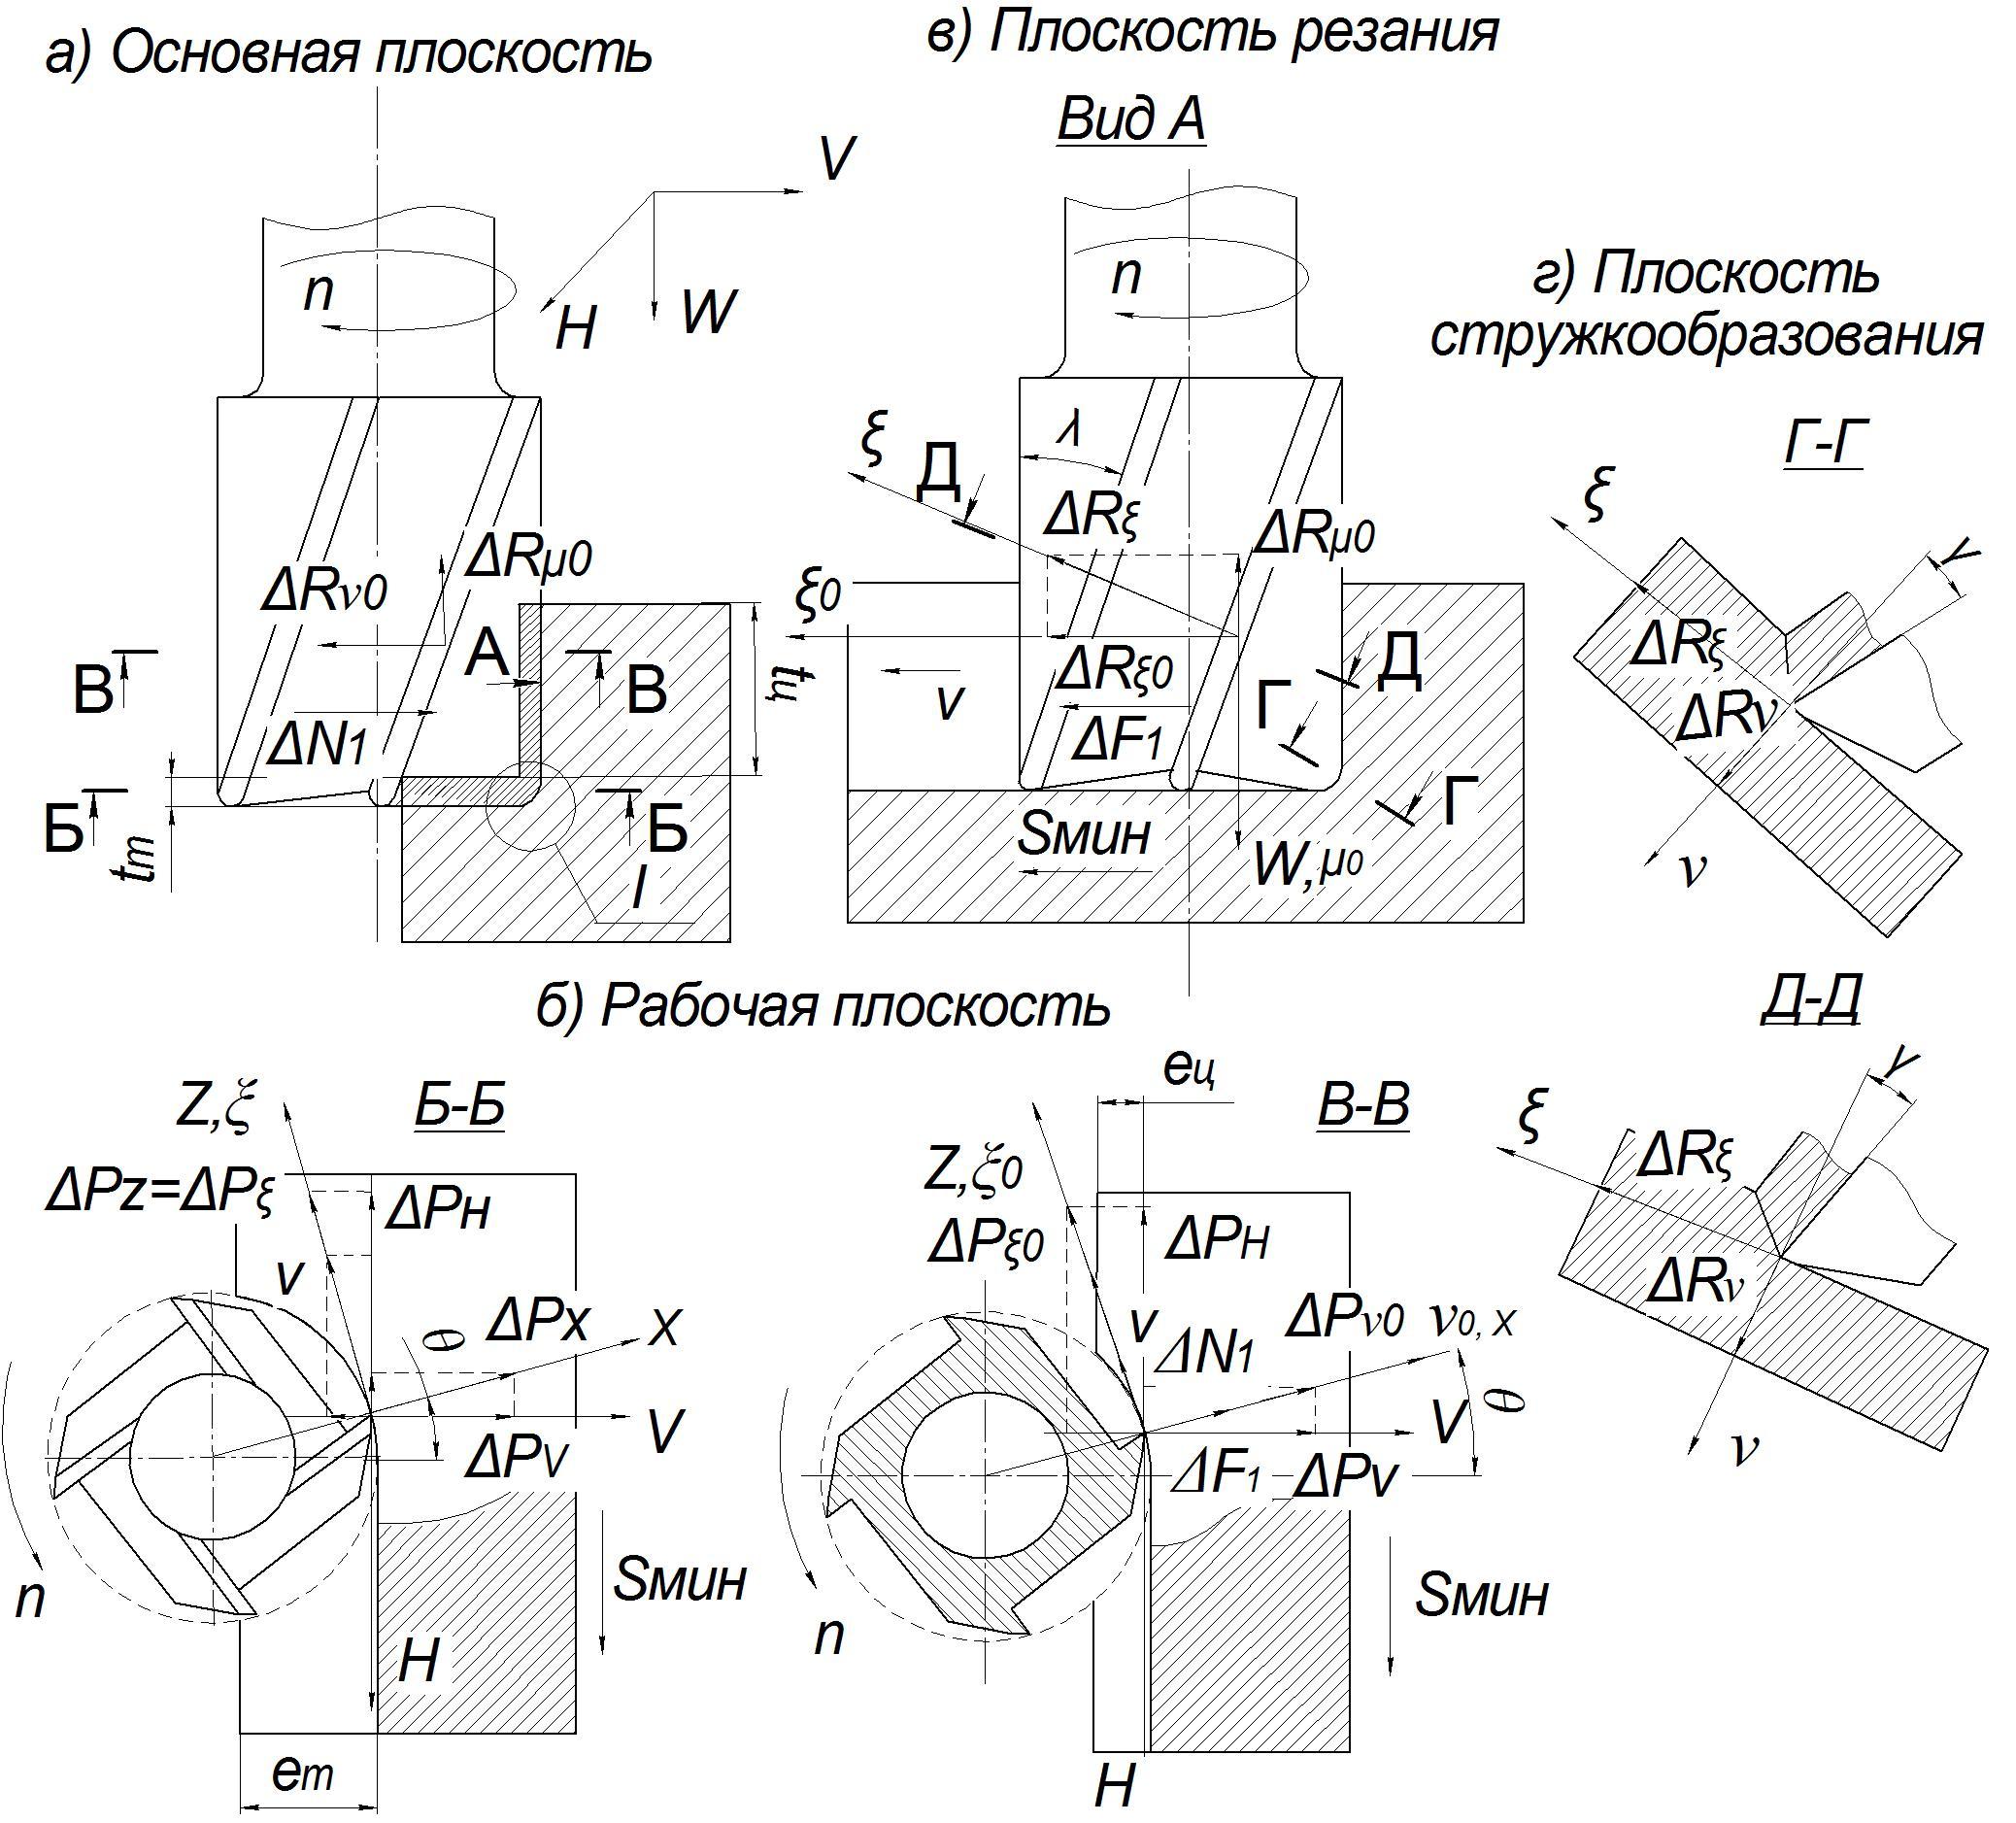 Наглядно демонстрируется схема торцевого фрезерования.